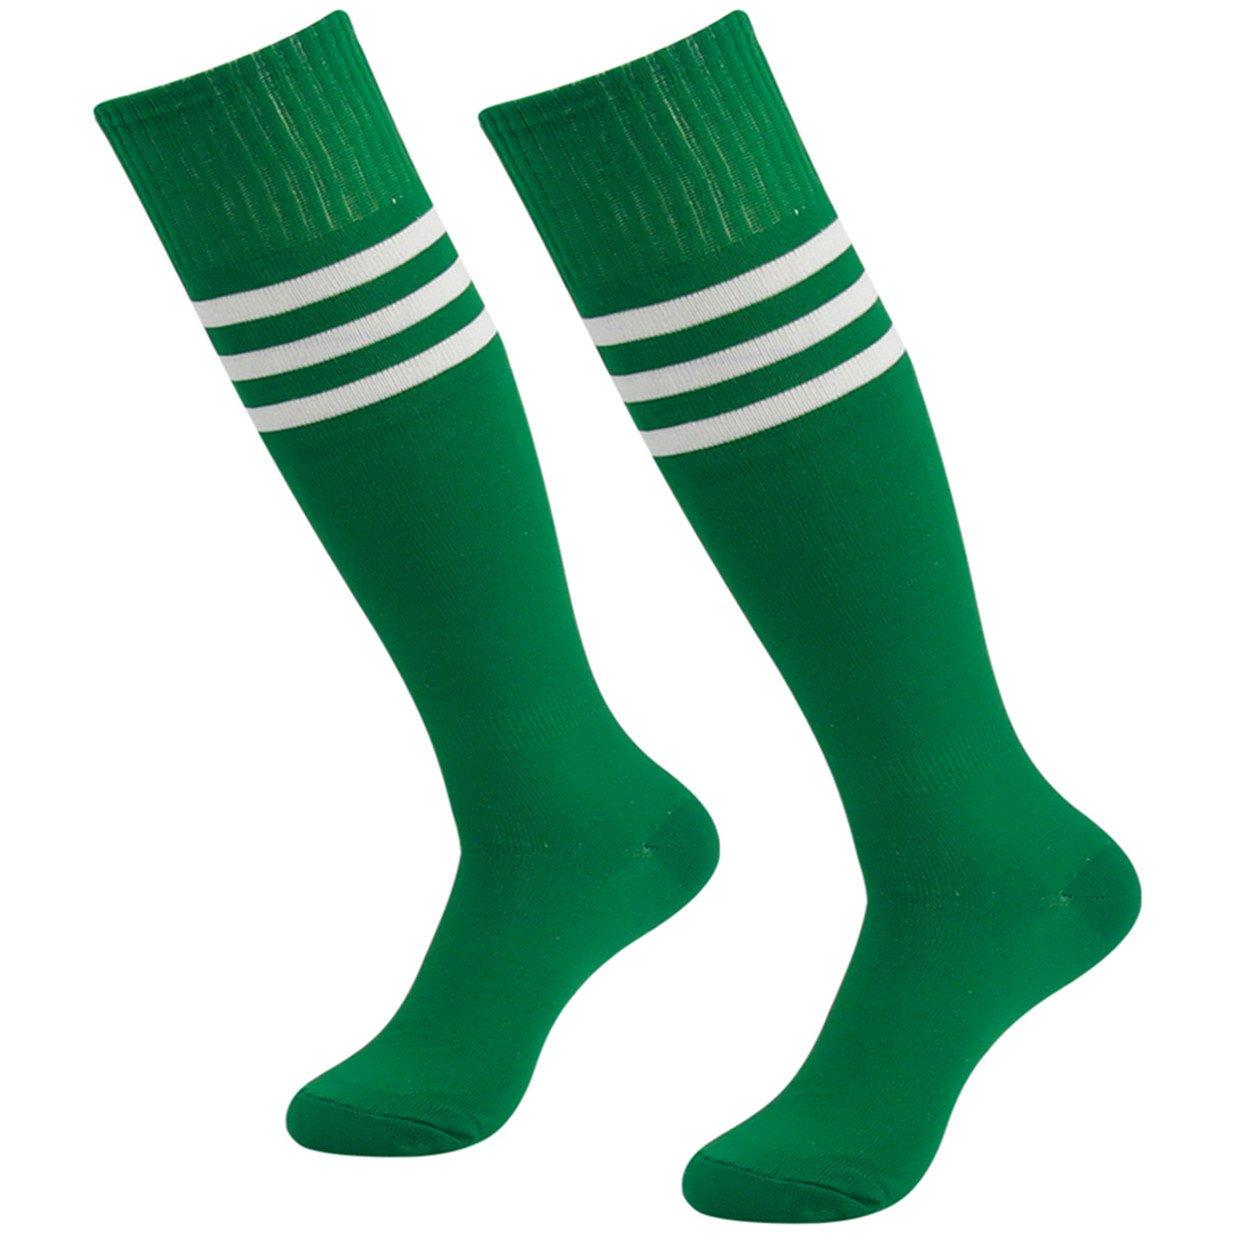 3street ユニセックス ニーハイ トリプルストライプ アスレチック サッカー チューブ ソックス 2 / 6 / 10組 B079MB22TM Green+White Stripe1 Green+White Stripe1